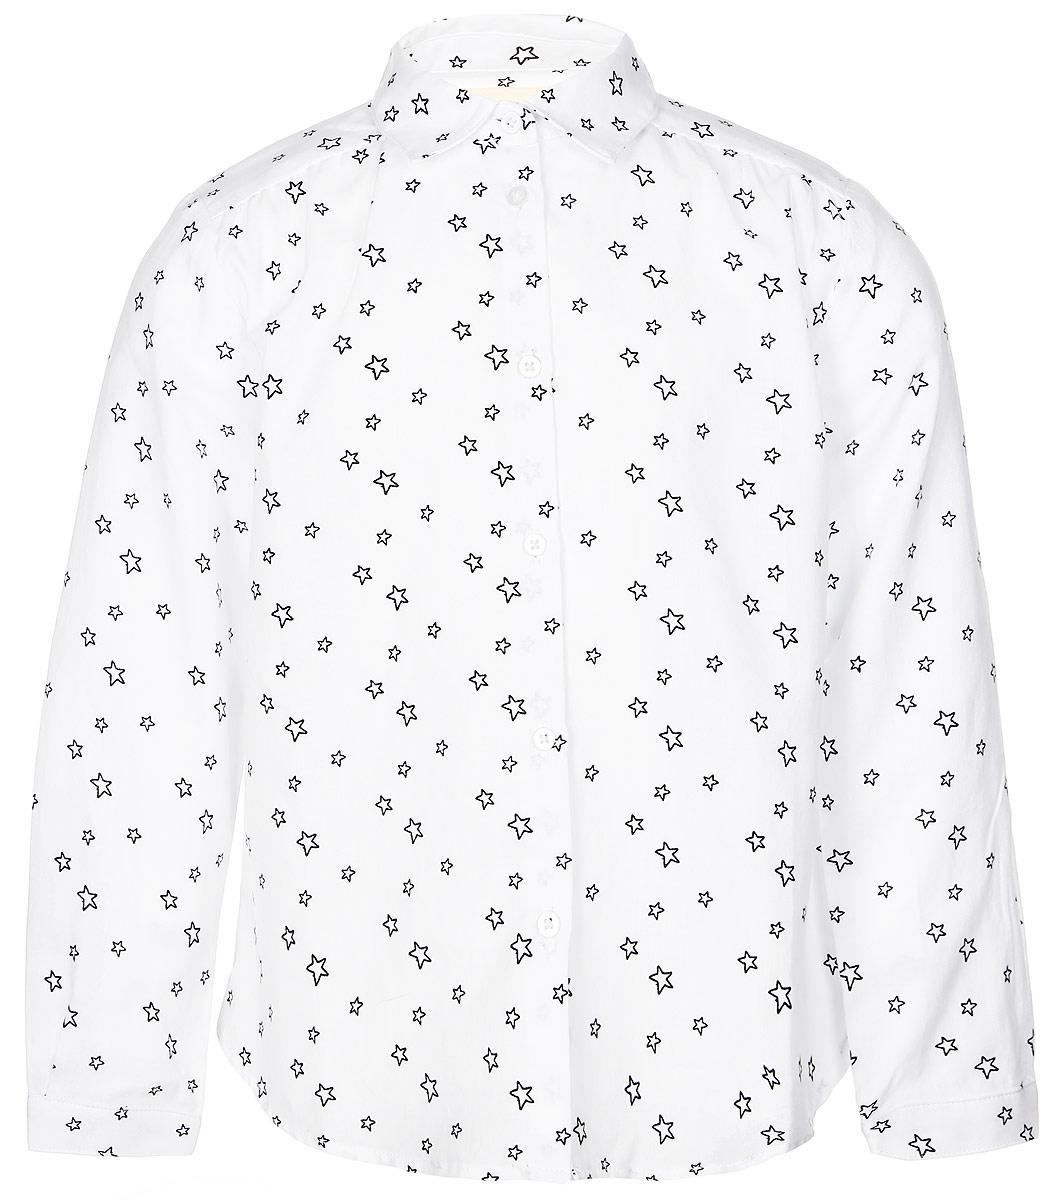 Рубашка для девочки Button Blue, цвет: белый, черный. 216BBGC22010201. Размер 104, 4 года216BBGC22010201Стильная рубашка Button Blue выполнена из натурального 100% хлопка. Модель свободного трапециевидного кроя с длинными рукавами и отложным воротником застегивается на пуговицы по всей длине и оформлена оригинальным звездным принтом. На манжетах предусмотрены застежки-пуговицы. Спинка немного удлинена.